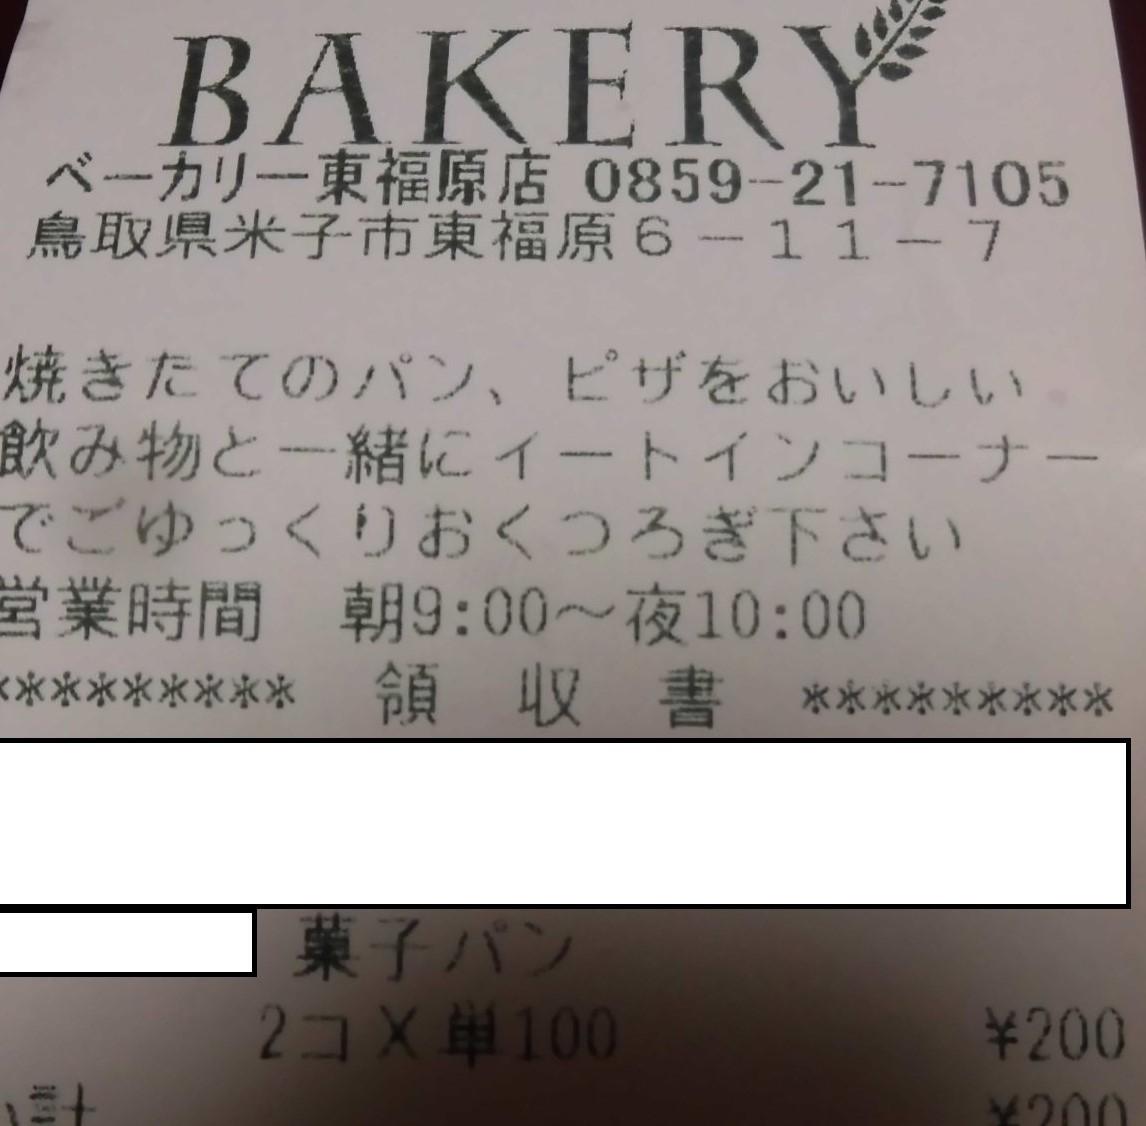 ベーカリー 東福原店